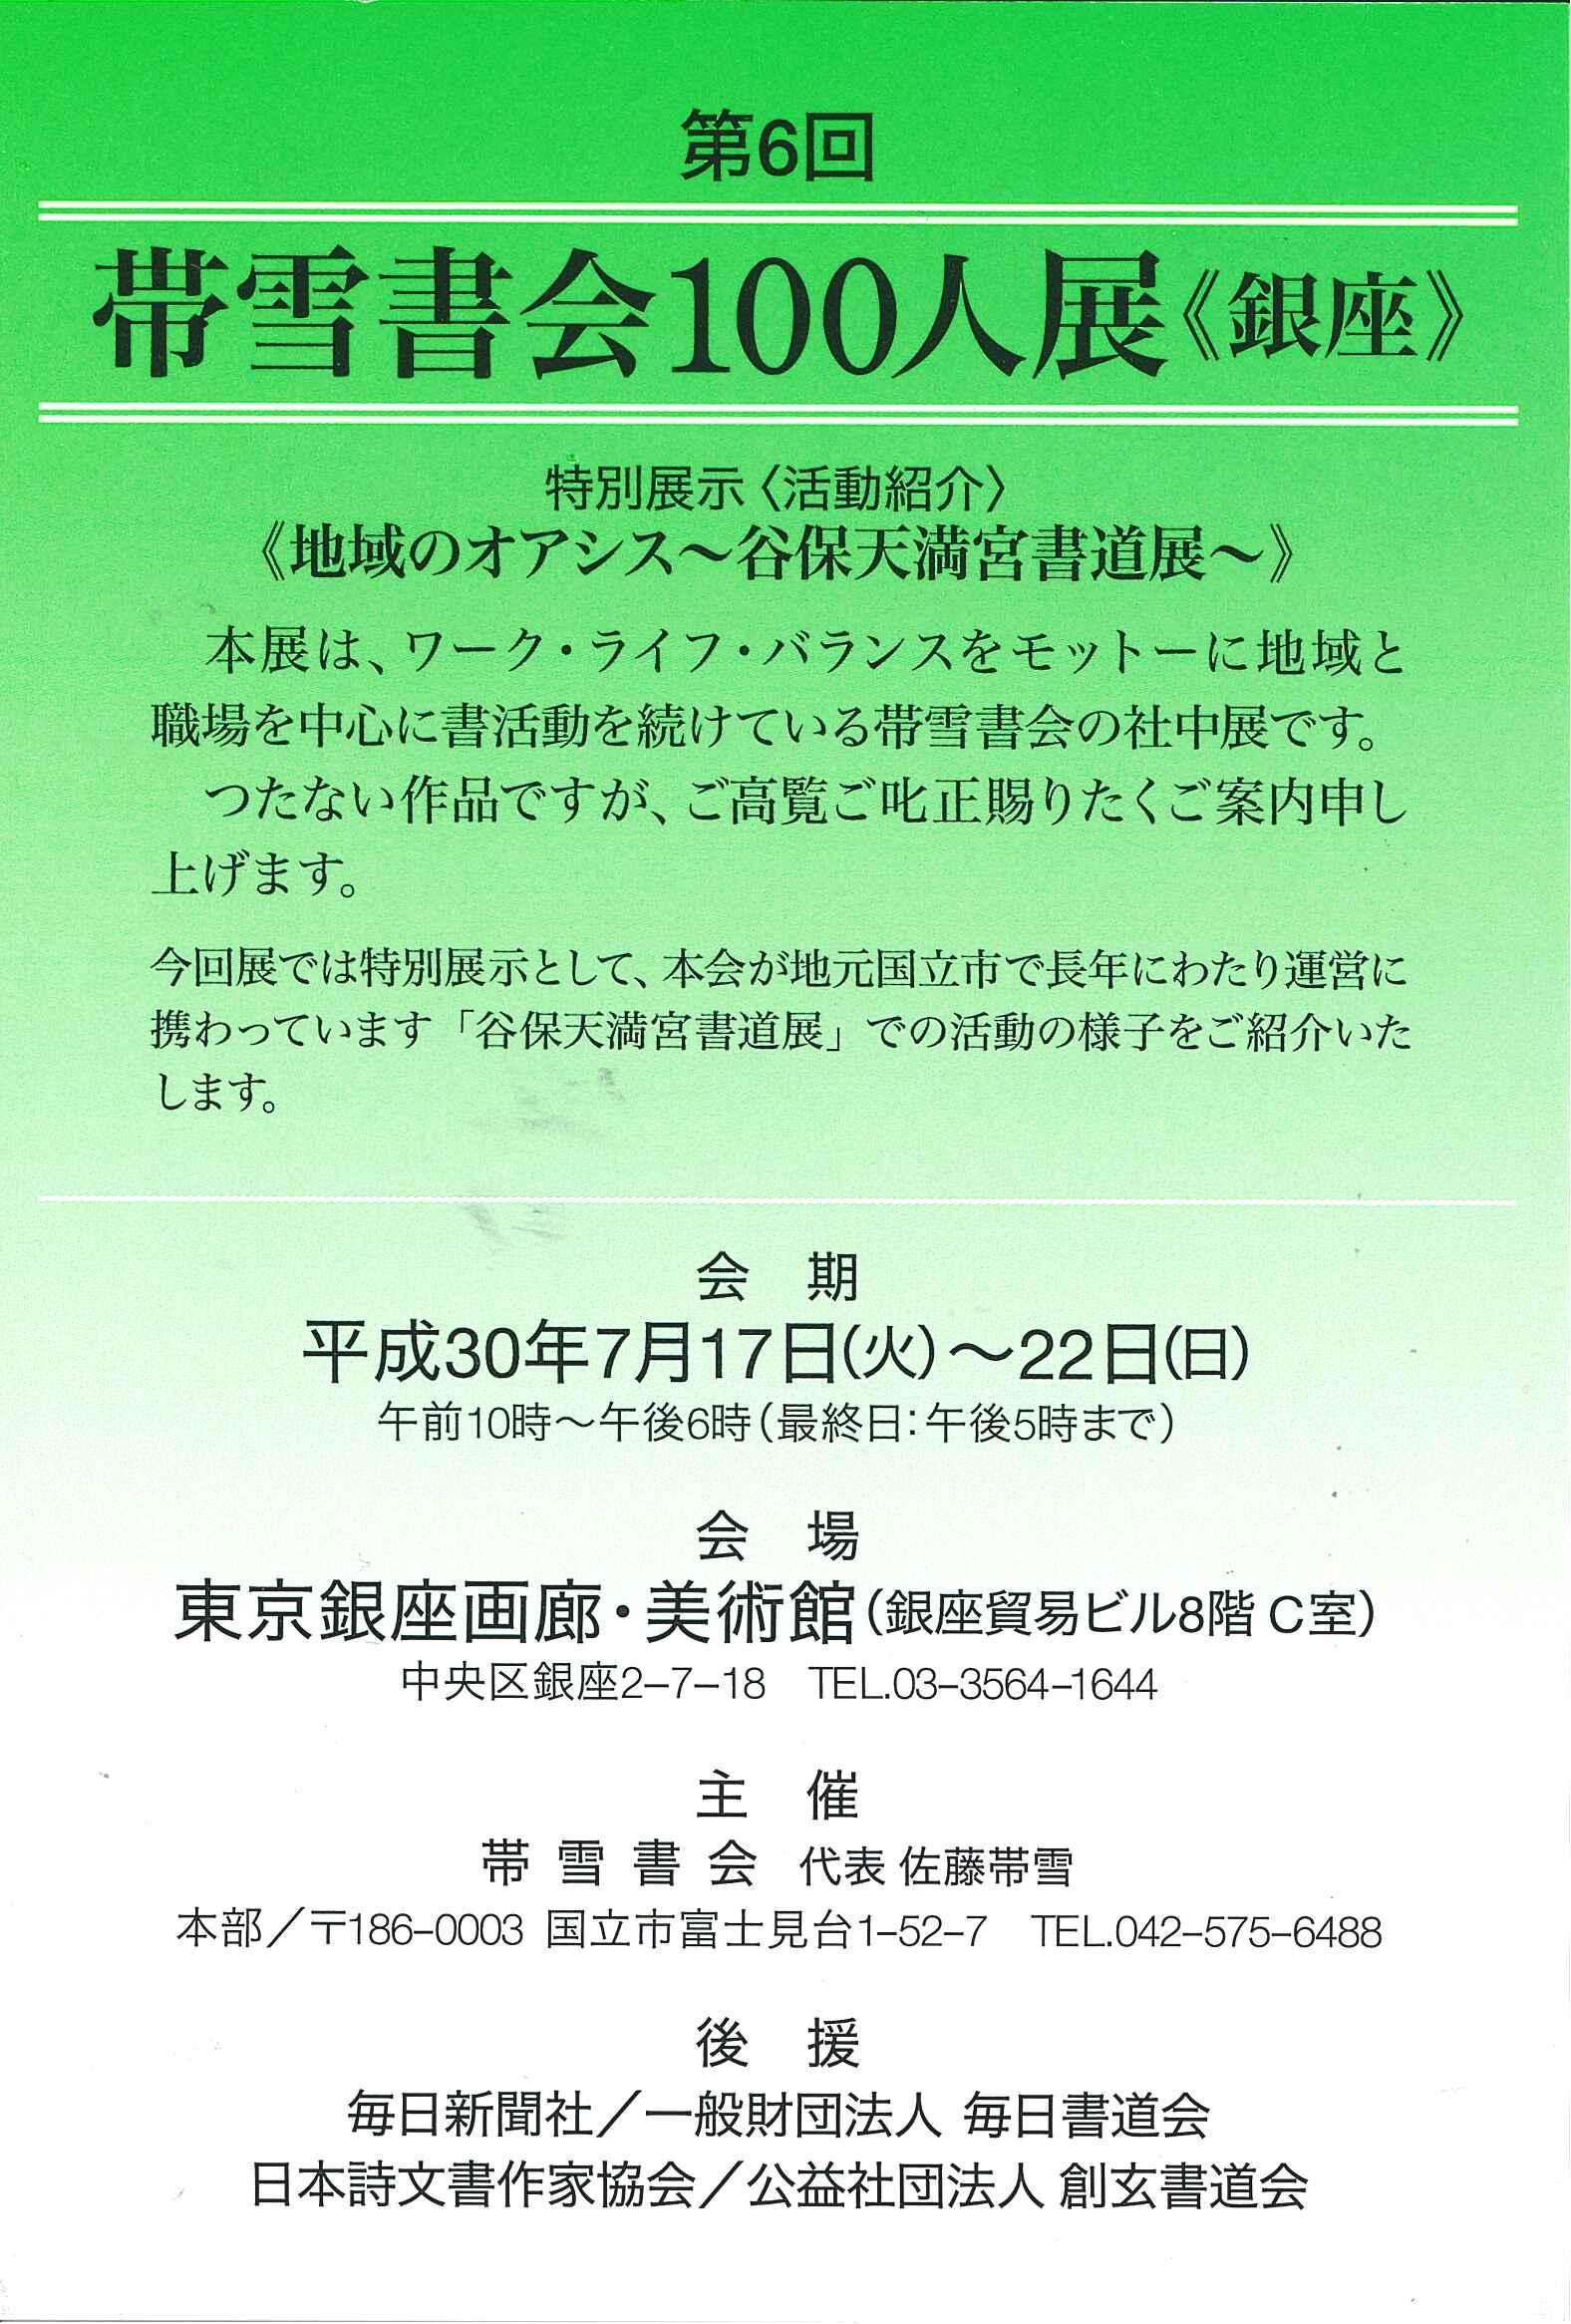 http://www.sogen.or.jp/letter/2018/06/11/20180611140925217_0001.jpg